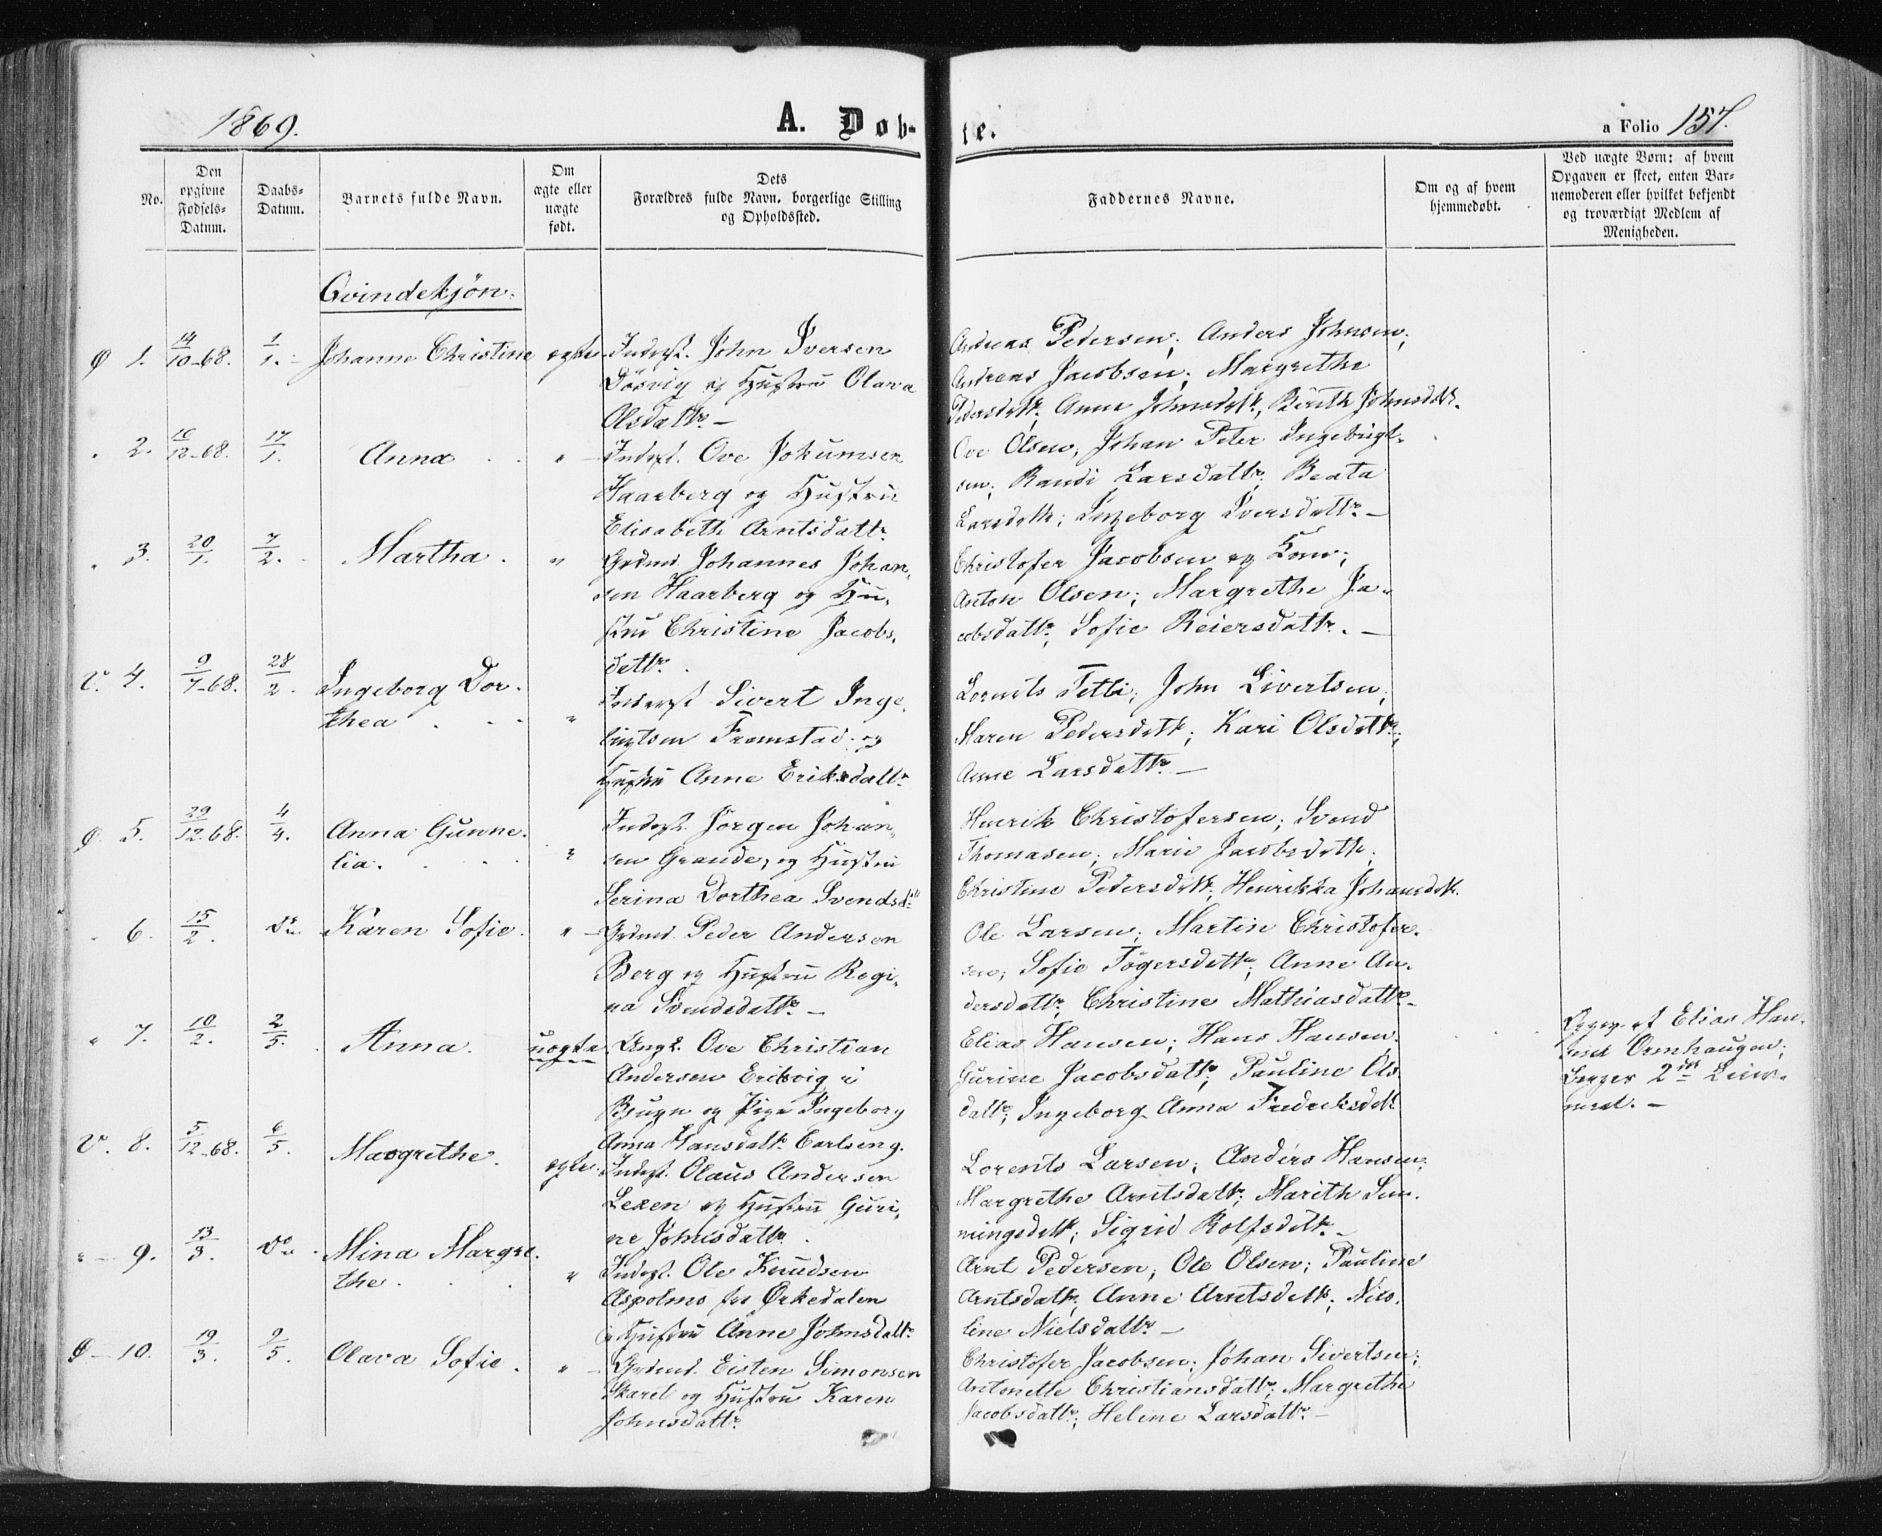 SAT, Ministerialprotokoller, klokkerbøker og fødselsregistre - Sør-Trøndelag, 659/L0737: Ministerialbok nr. 659A07, 1857-1875, s. 157